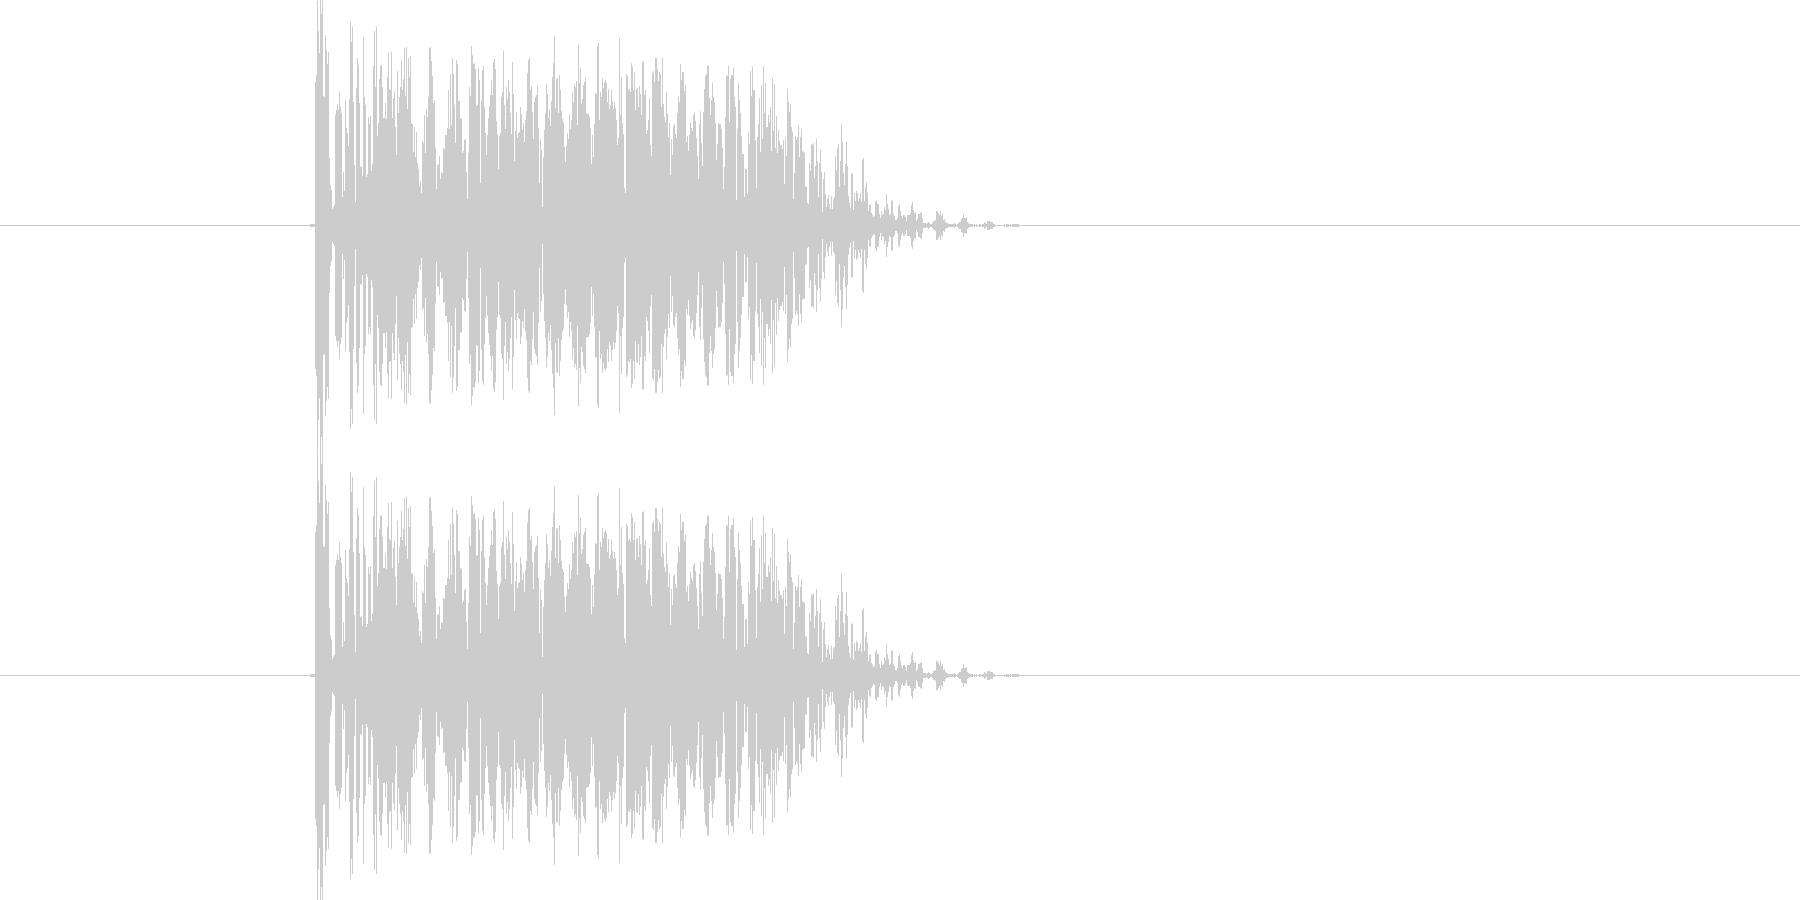 「ビャウ」というレトロなキャンセル音の未再生の波形